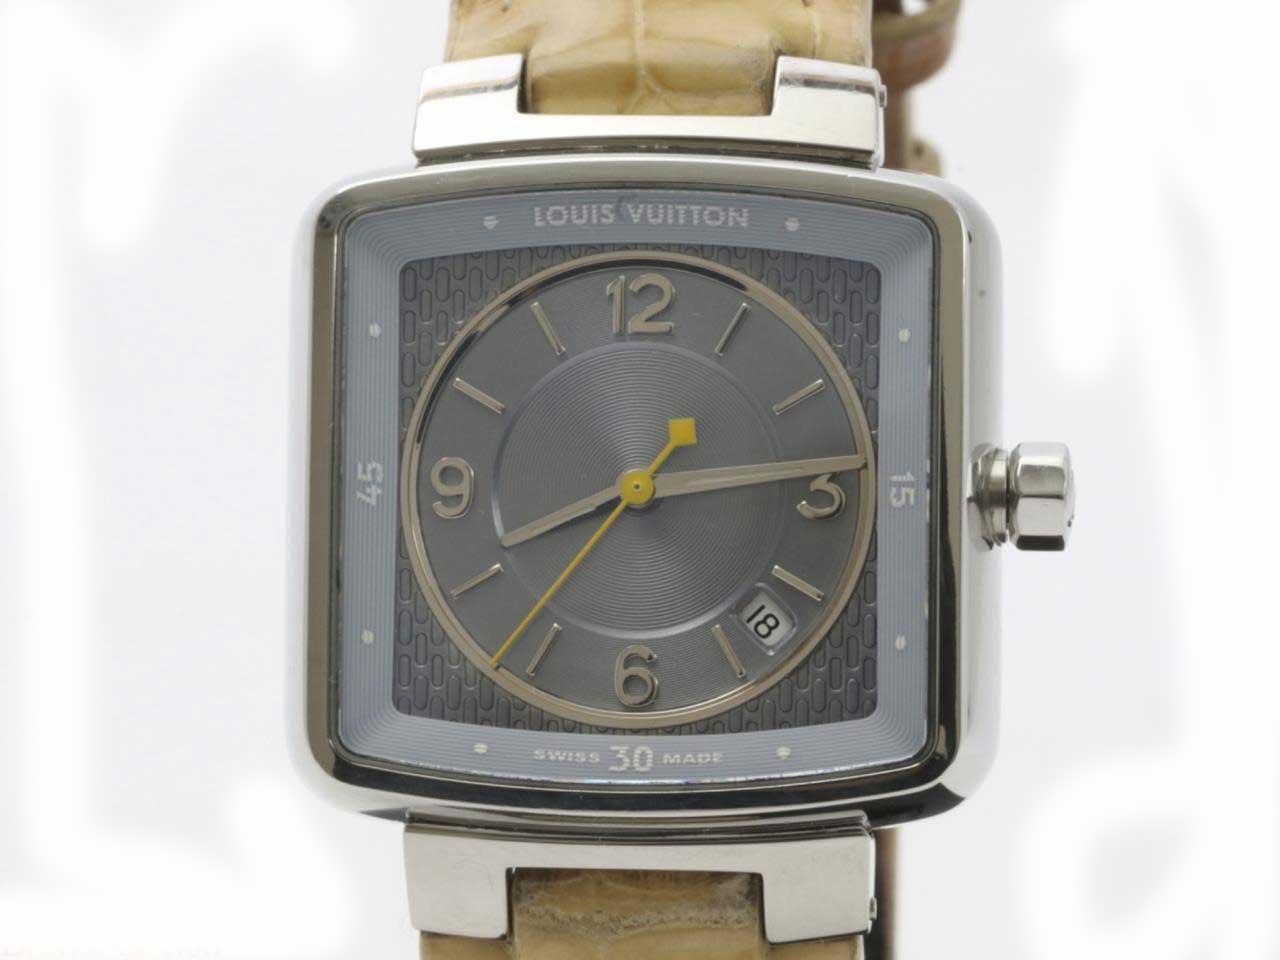 【値下げ・値下】ルイヴィトン 時計 スピーディ Q2211 タンブール レディース ウォッチ クロコ 水色 ビトン 女性用 クォーツ 腕時計 スクエア 【中古】